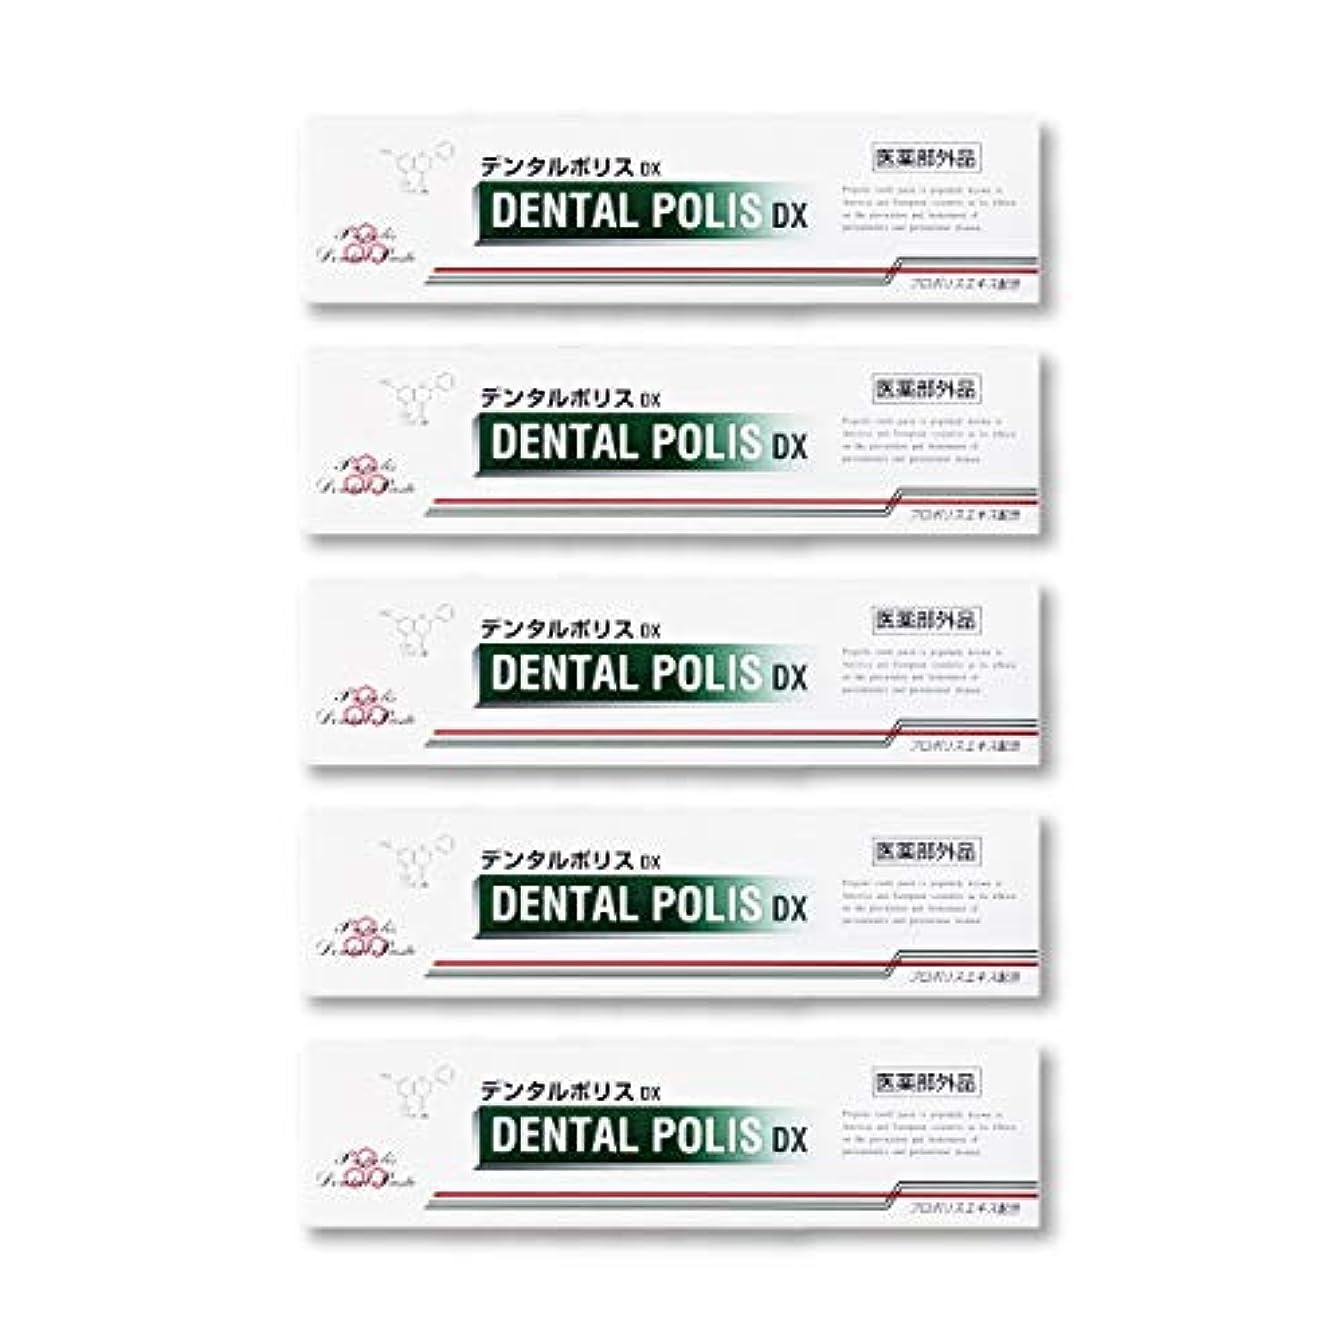 強盗脅かす覆すデンタルポリスDX  80g   5本セット 医薬部外品  歯みがき